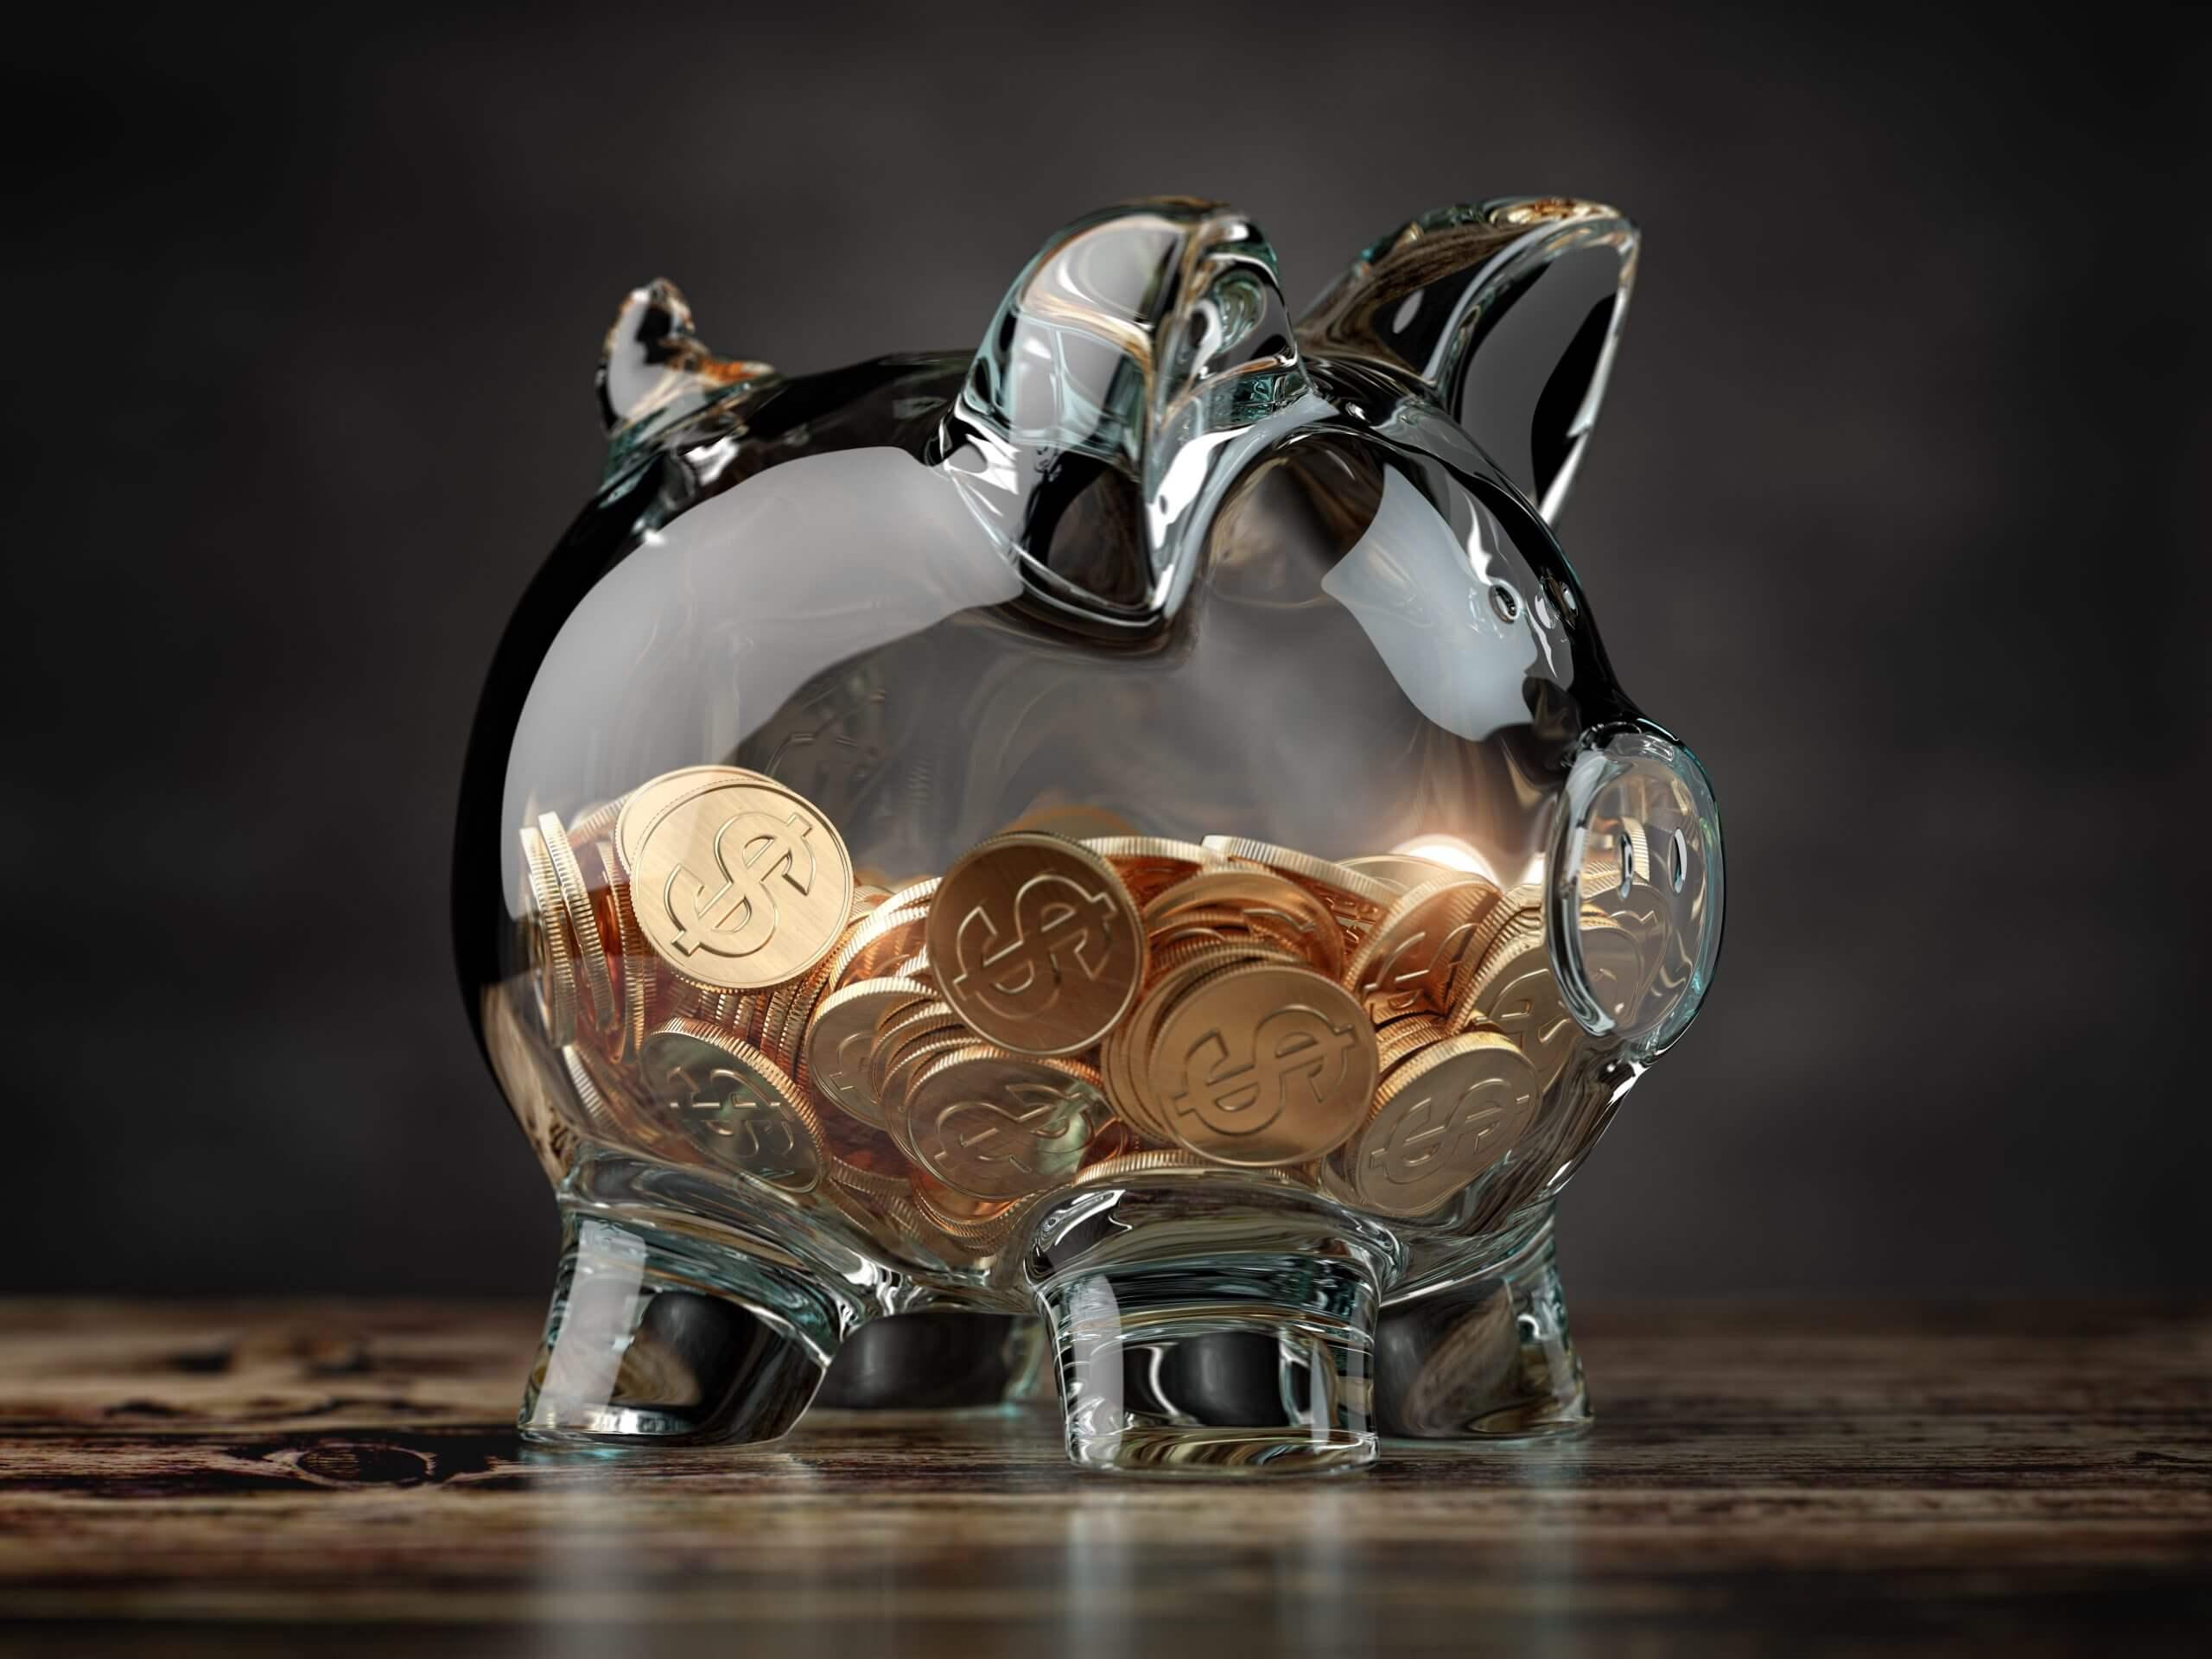 USA Student Visa - Personal Savings